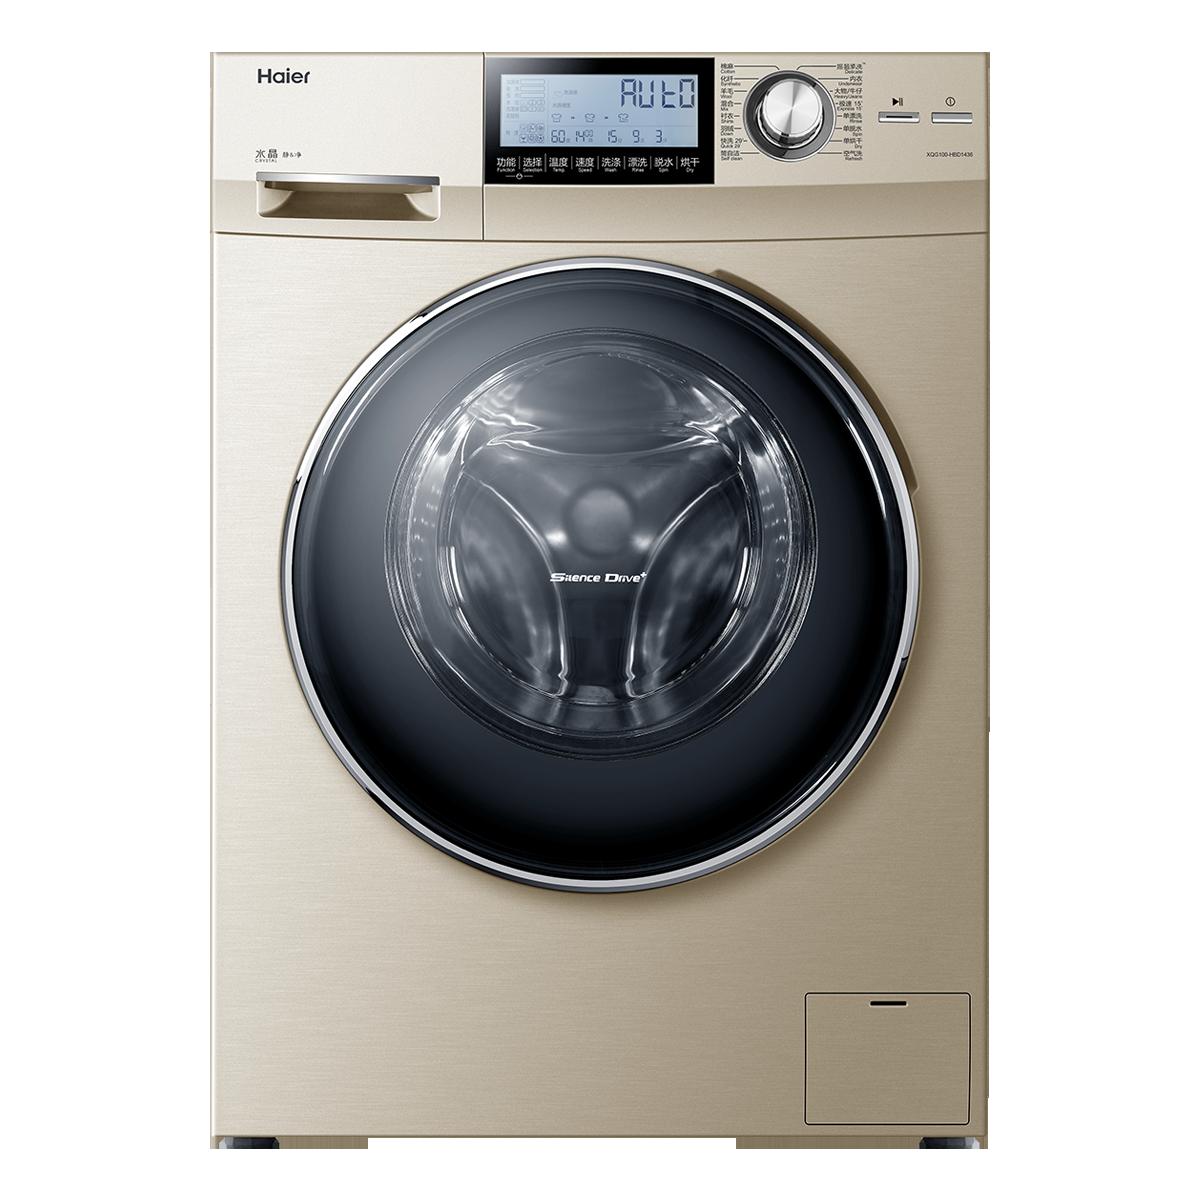 海尔Haier洗衣机 XQG100-HBD1436 说明书